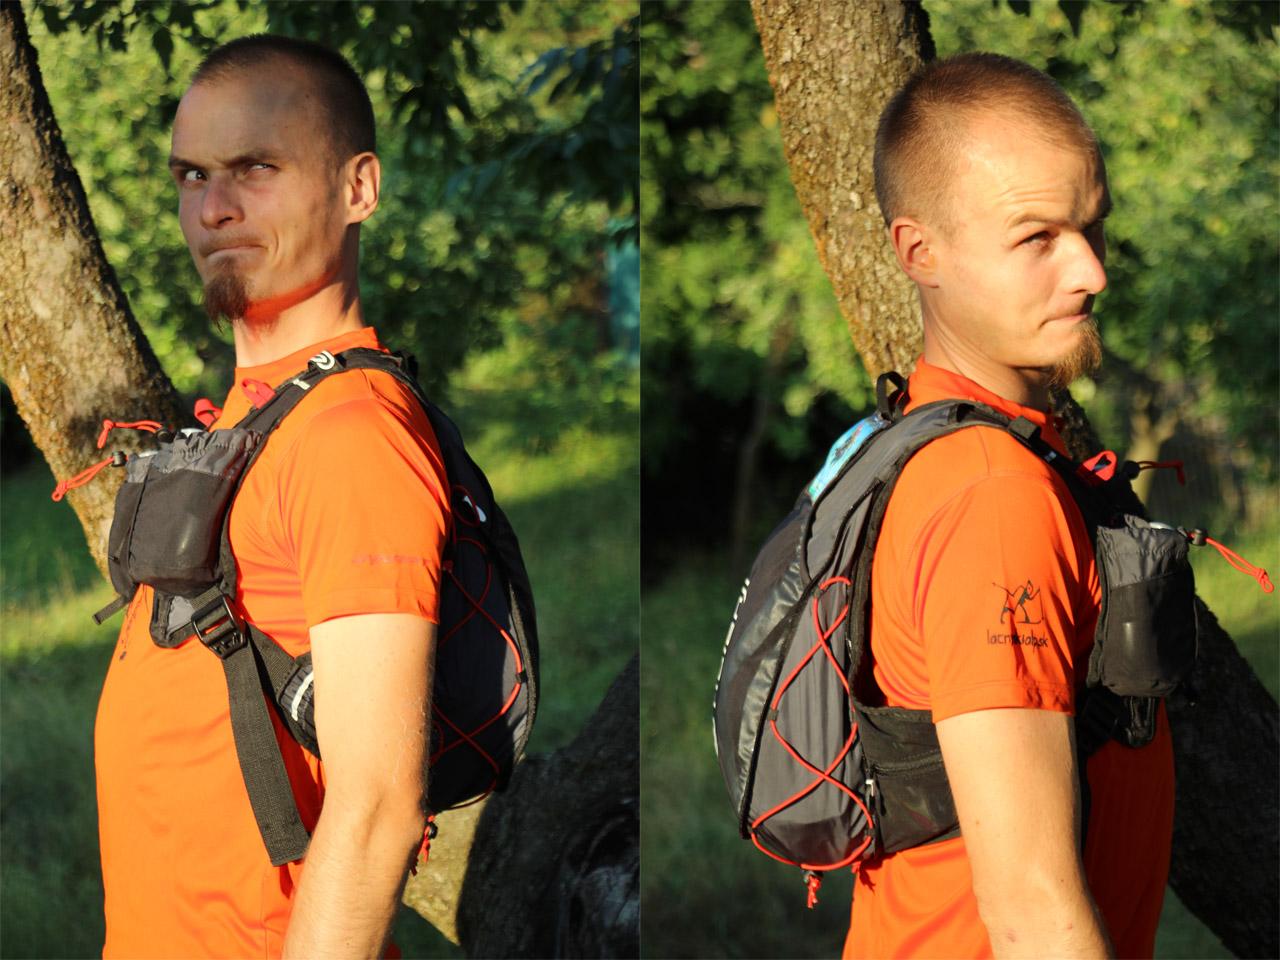 A takto batohy vyzerajú na človeku - konkrétne na najkrajšom škriatkovskom modelovi celej Stredozeme - mne